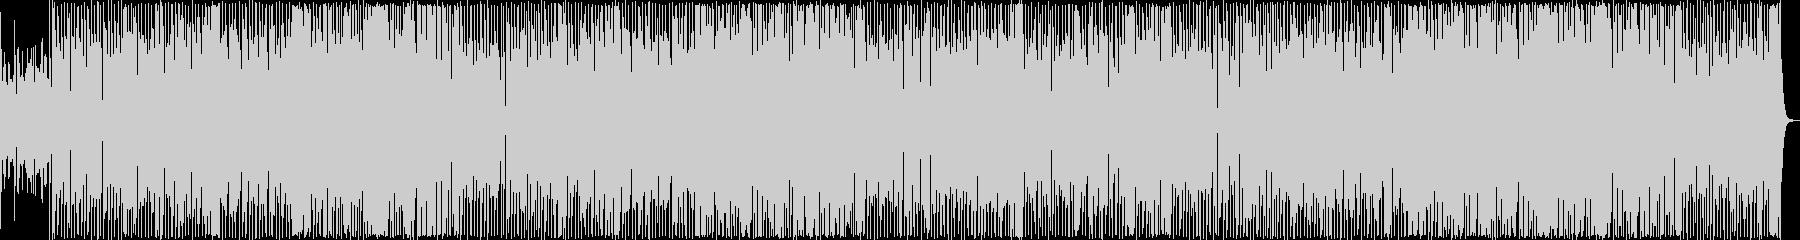 エレピの音色が印象的なブルースロックの未再生の波形